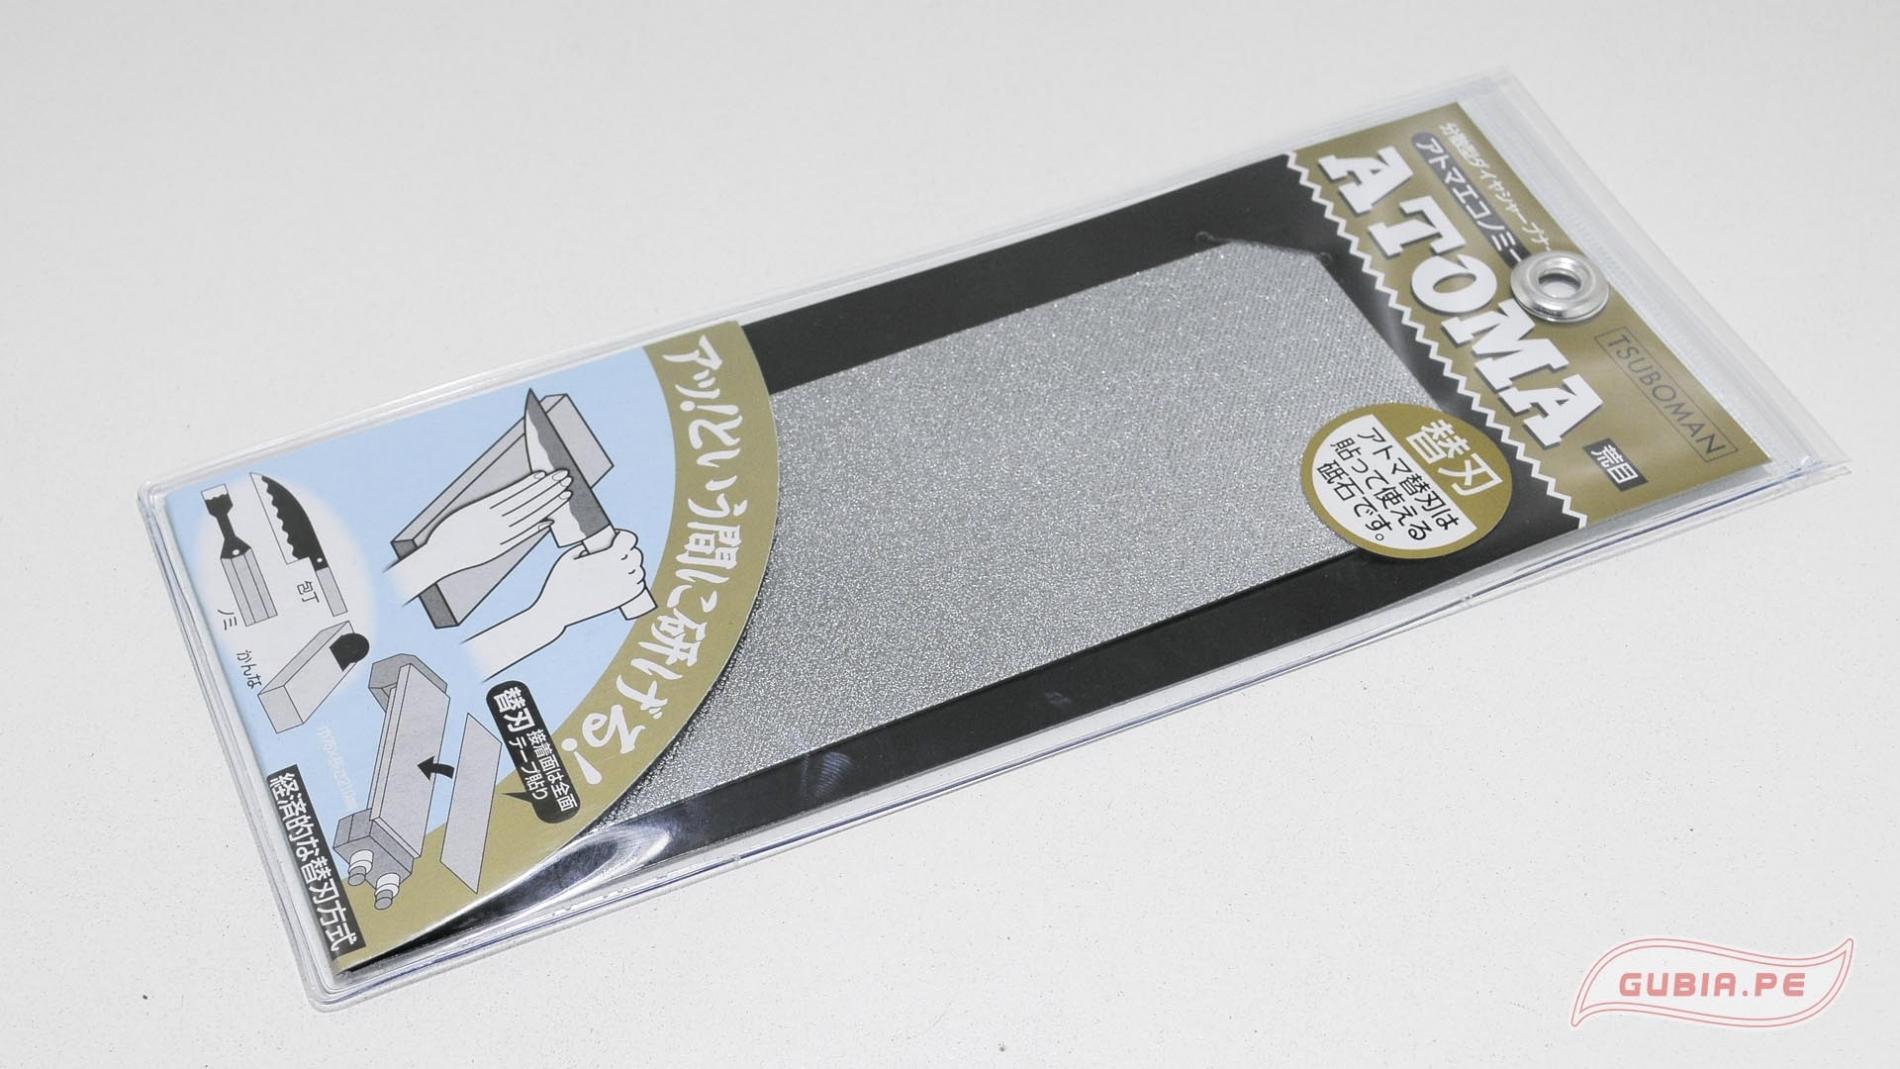 ATM75-1.4C-Repuesto placa diamantada inox 210x75x1mm grano 140 Atoma ATM75-1.4C-max-1.